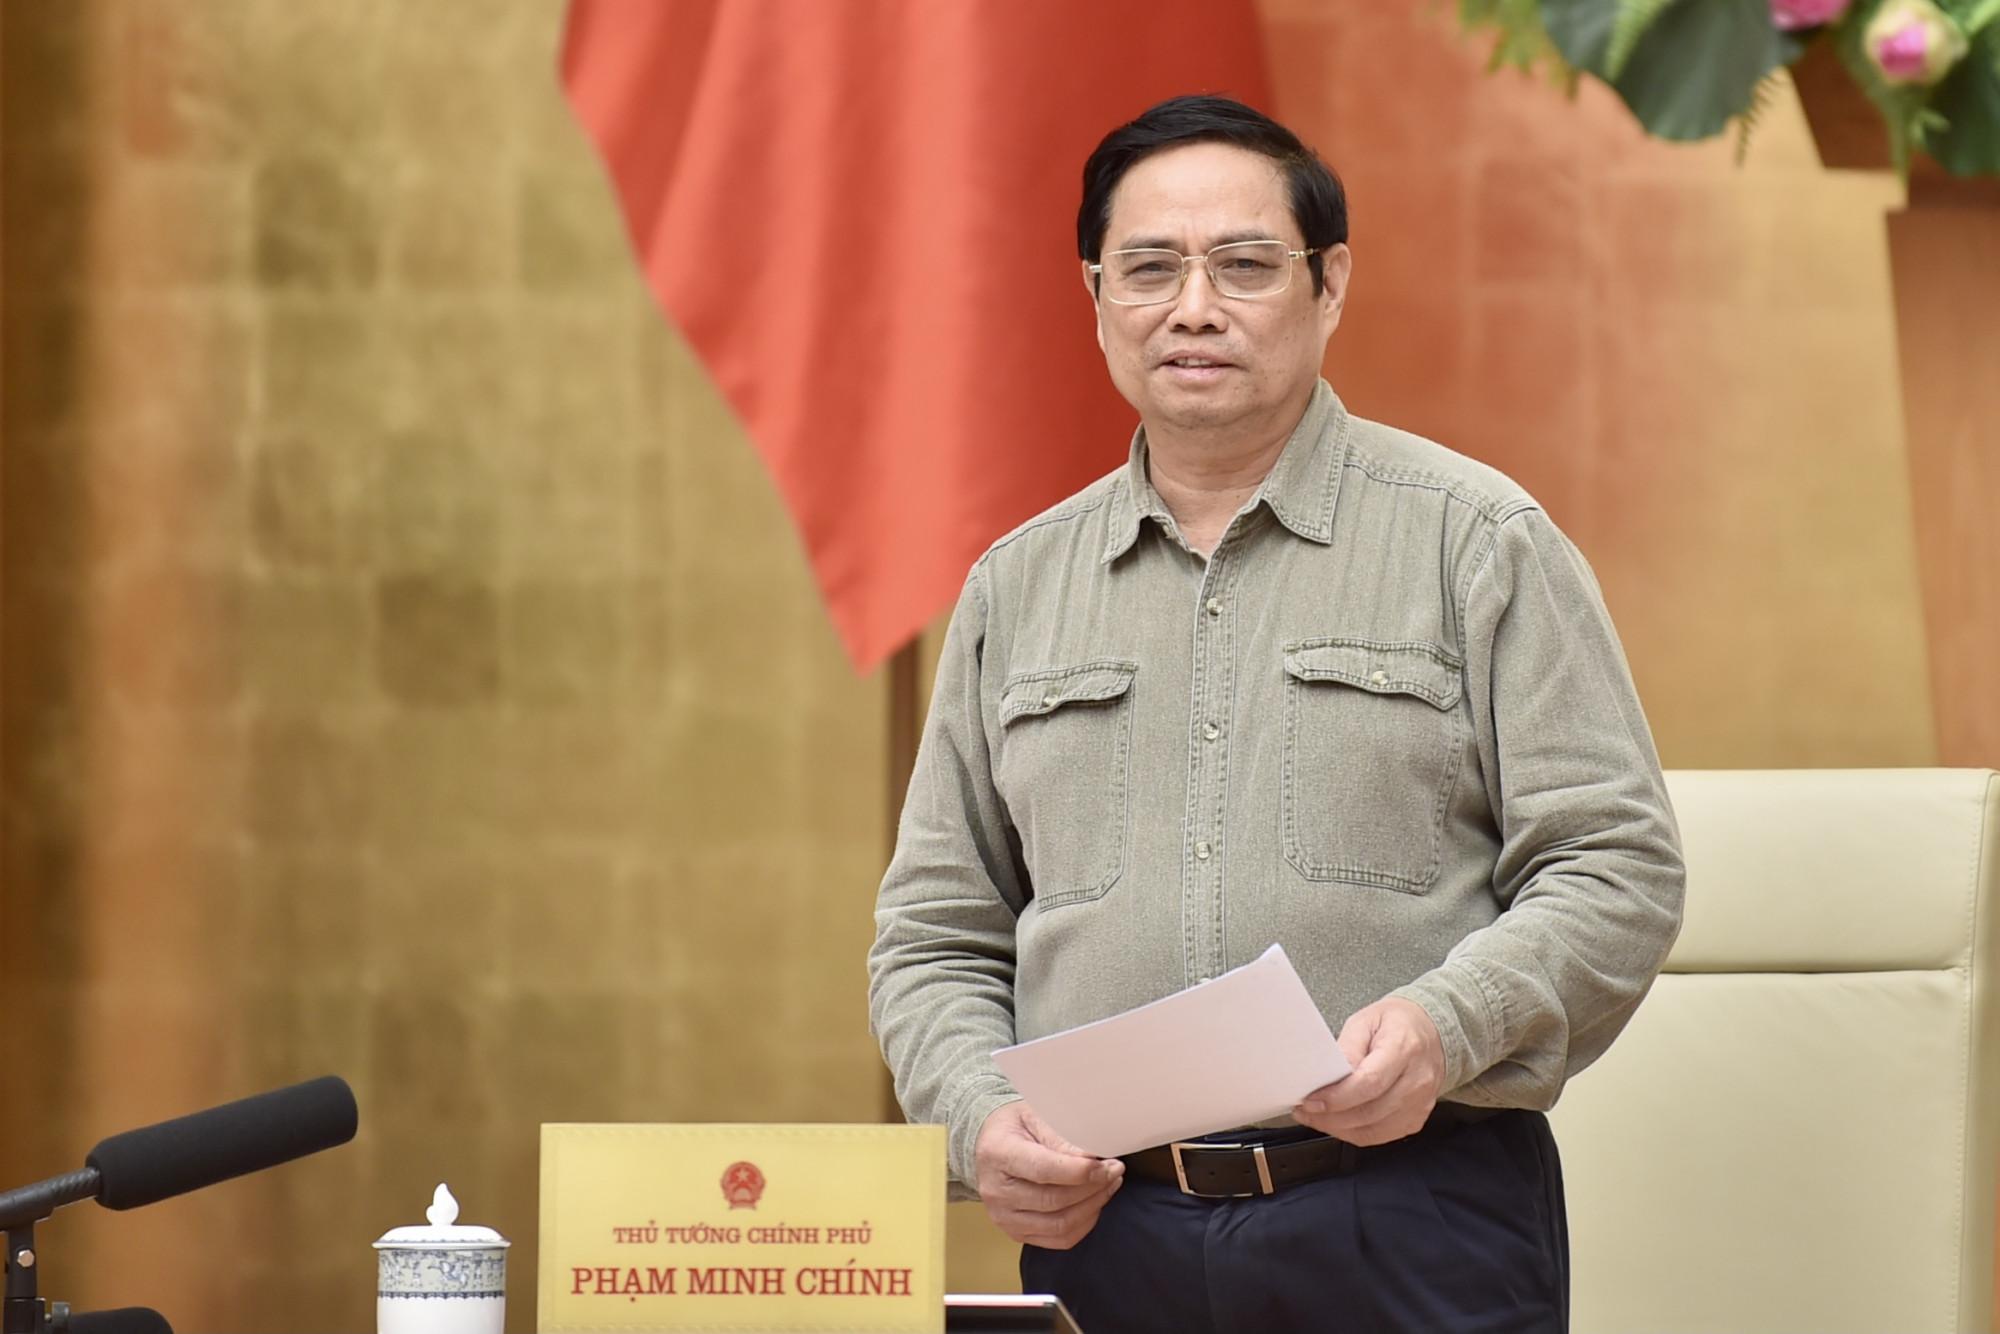 Thủ tướng yêu cầu giao thông thống nhất trên toàn quốc, không cát cứ, không chia cắt. Ảnh: VGP